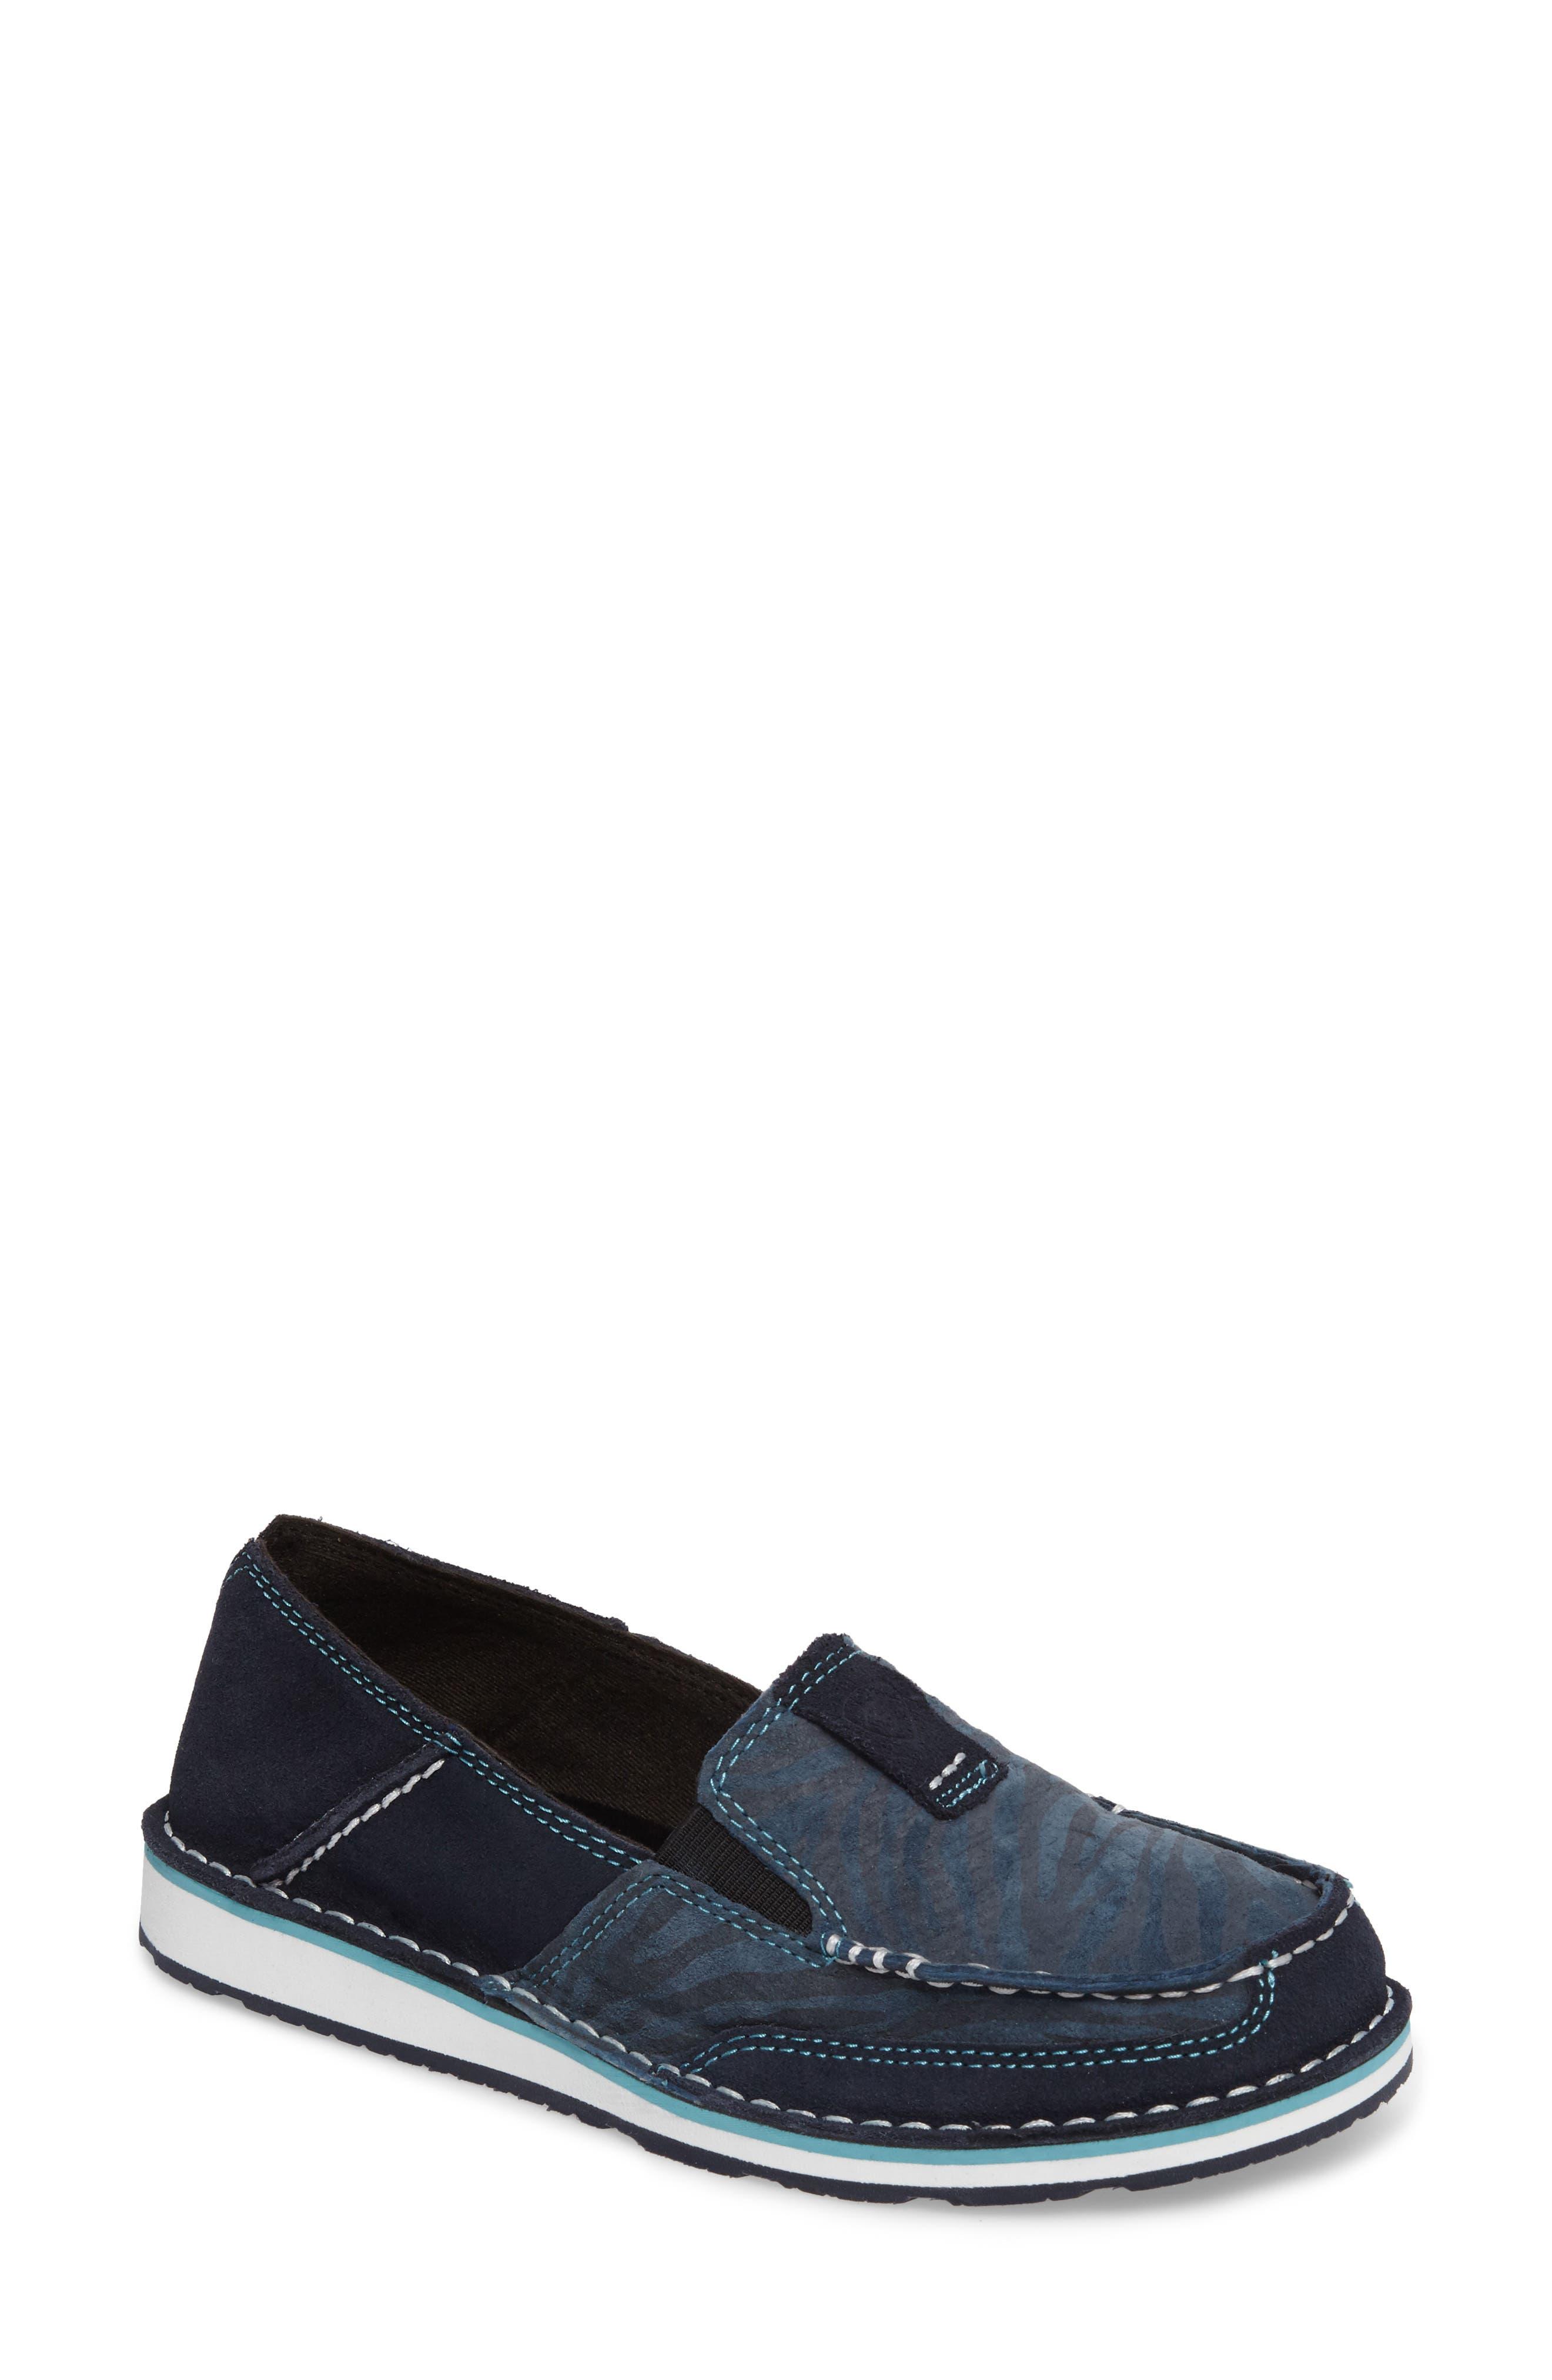 Cruiser Slip-On Loafer, Navy Eclipse/ Blue Zebra Suede